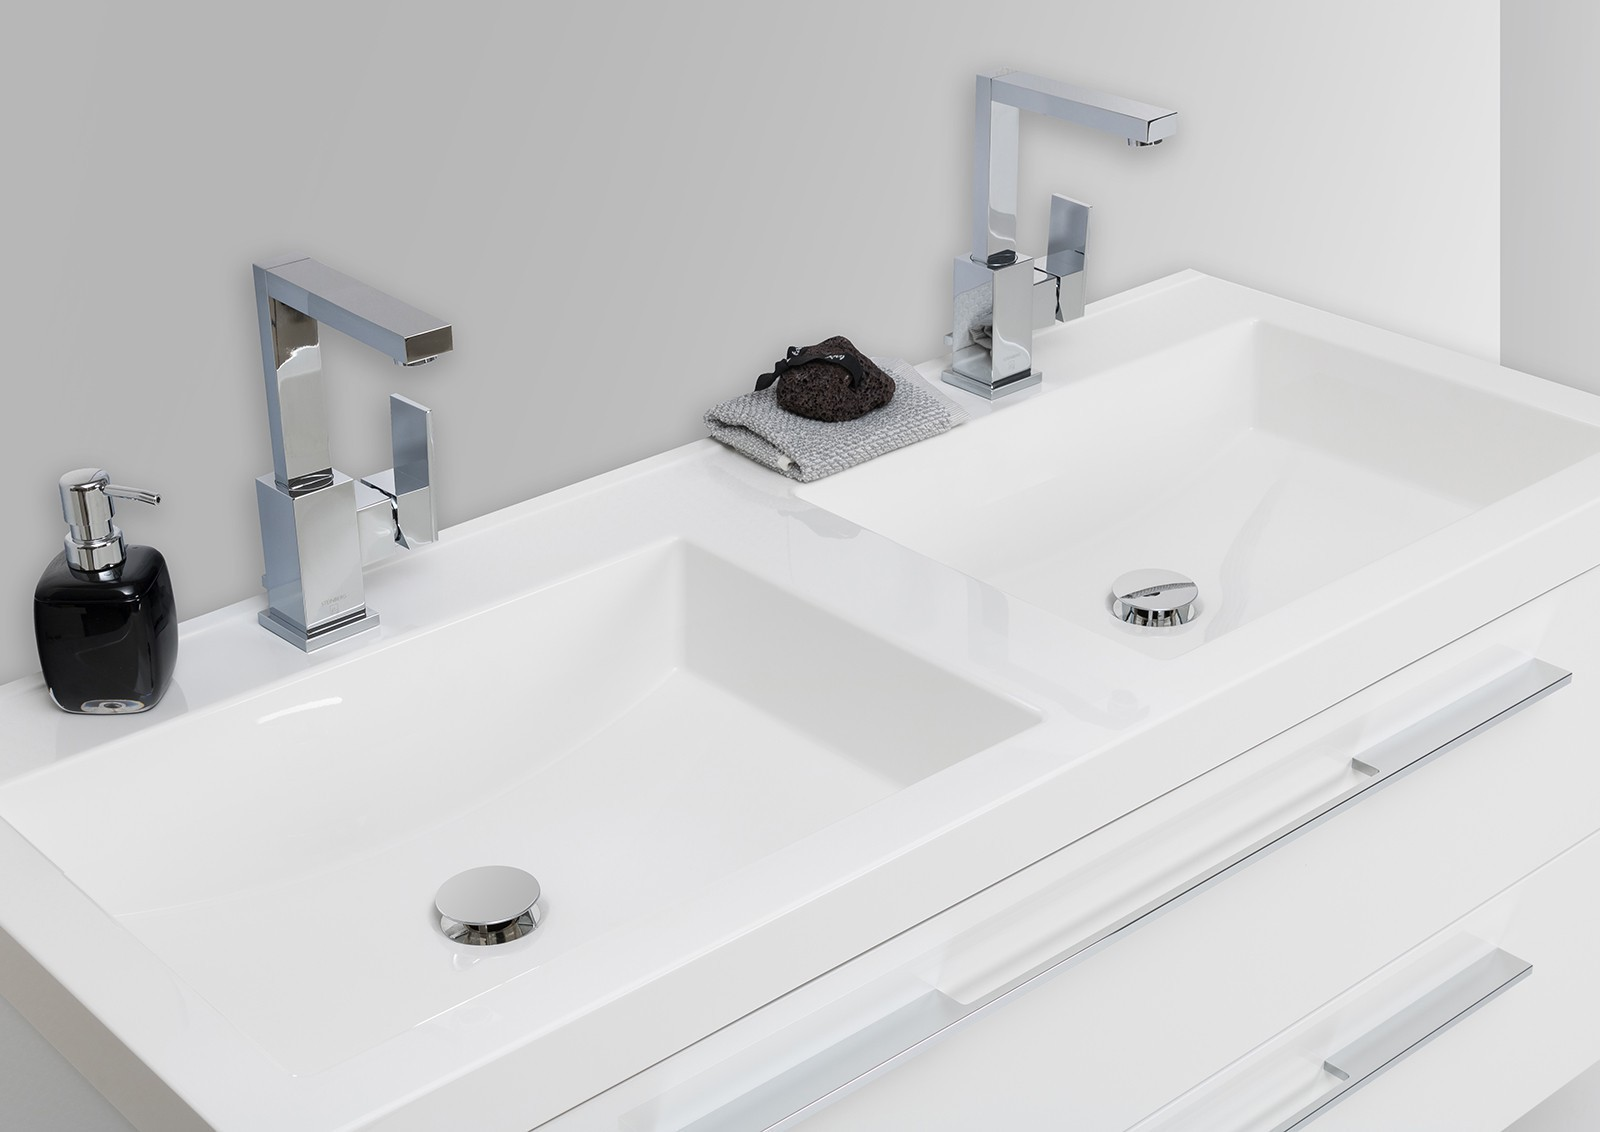 Badezimmermöbel Doppelwaschbecken ~ Doppelwaschbecken 120cm, Unterschrank und LED Lichtspiegel Badezimmer [R